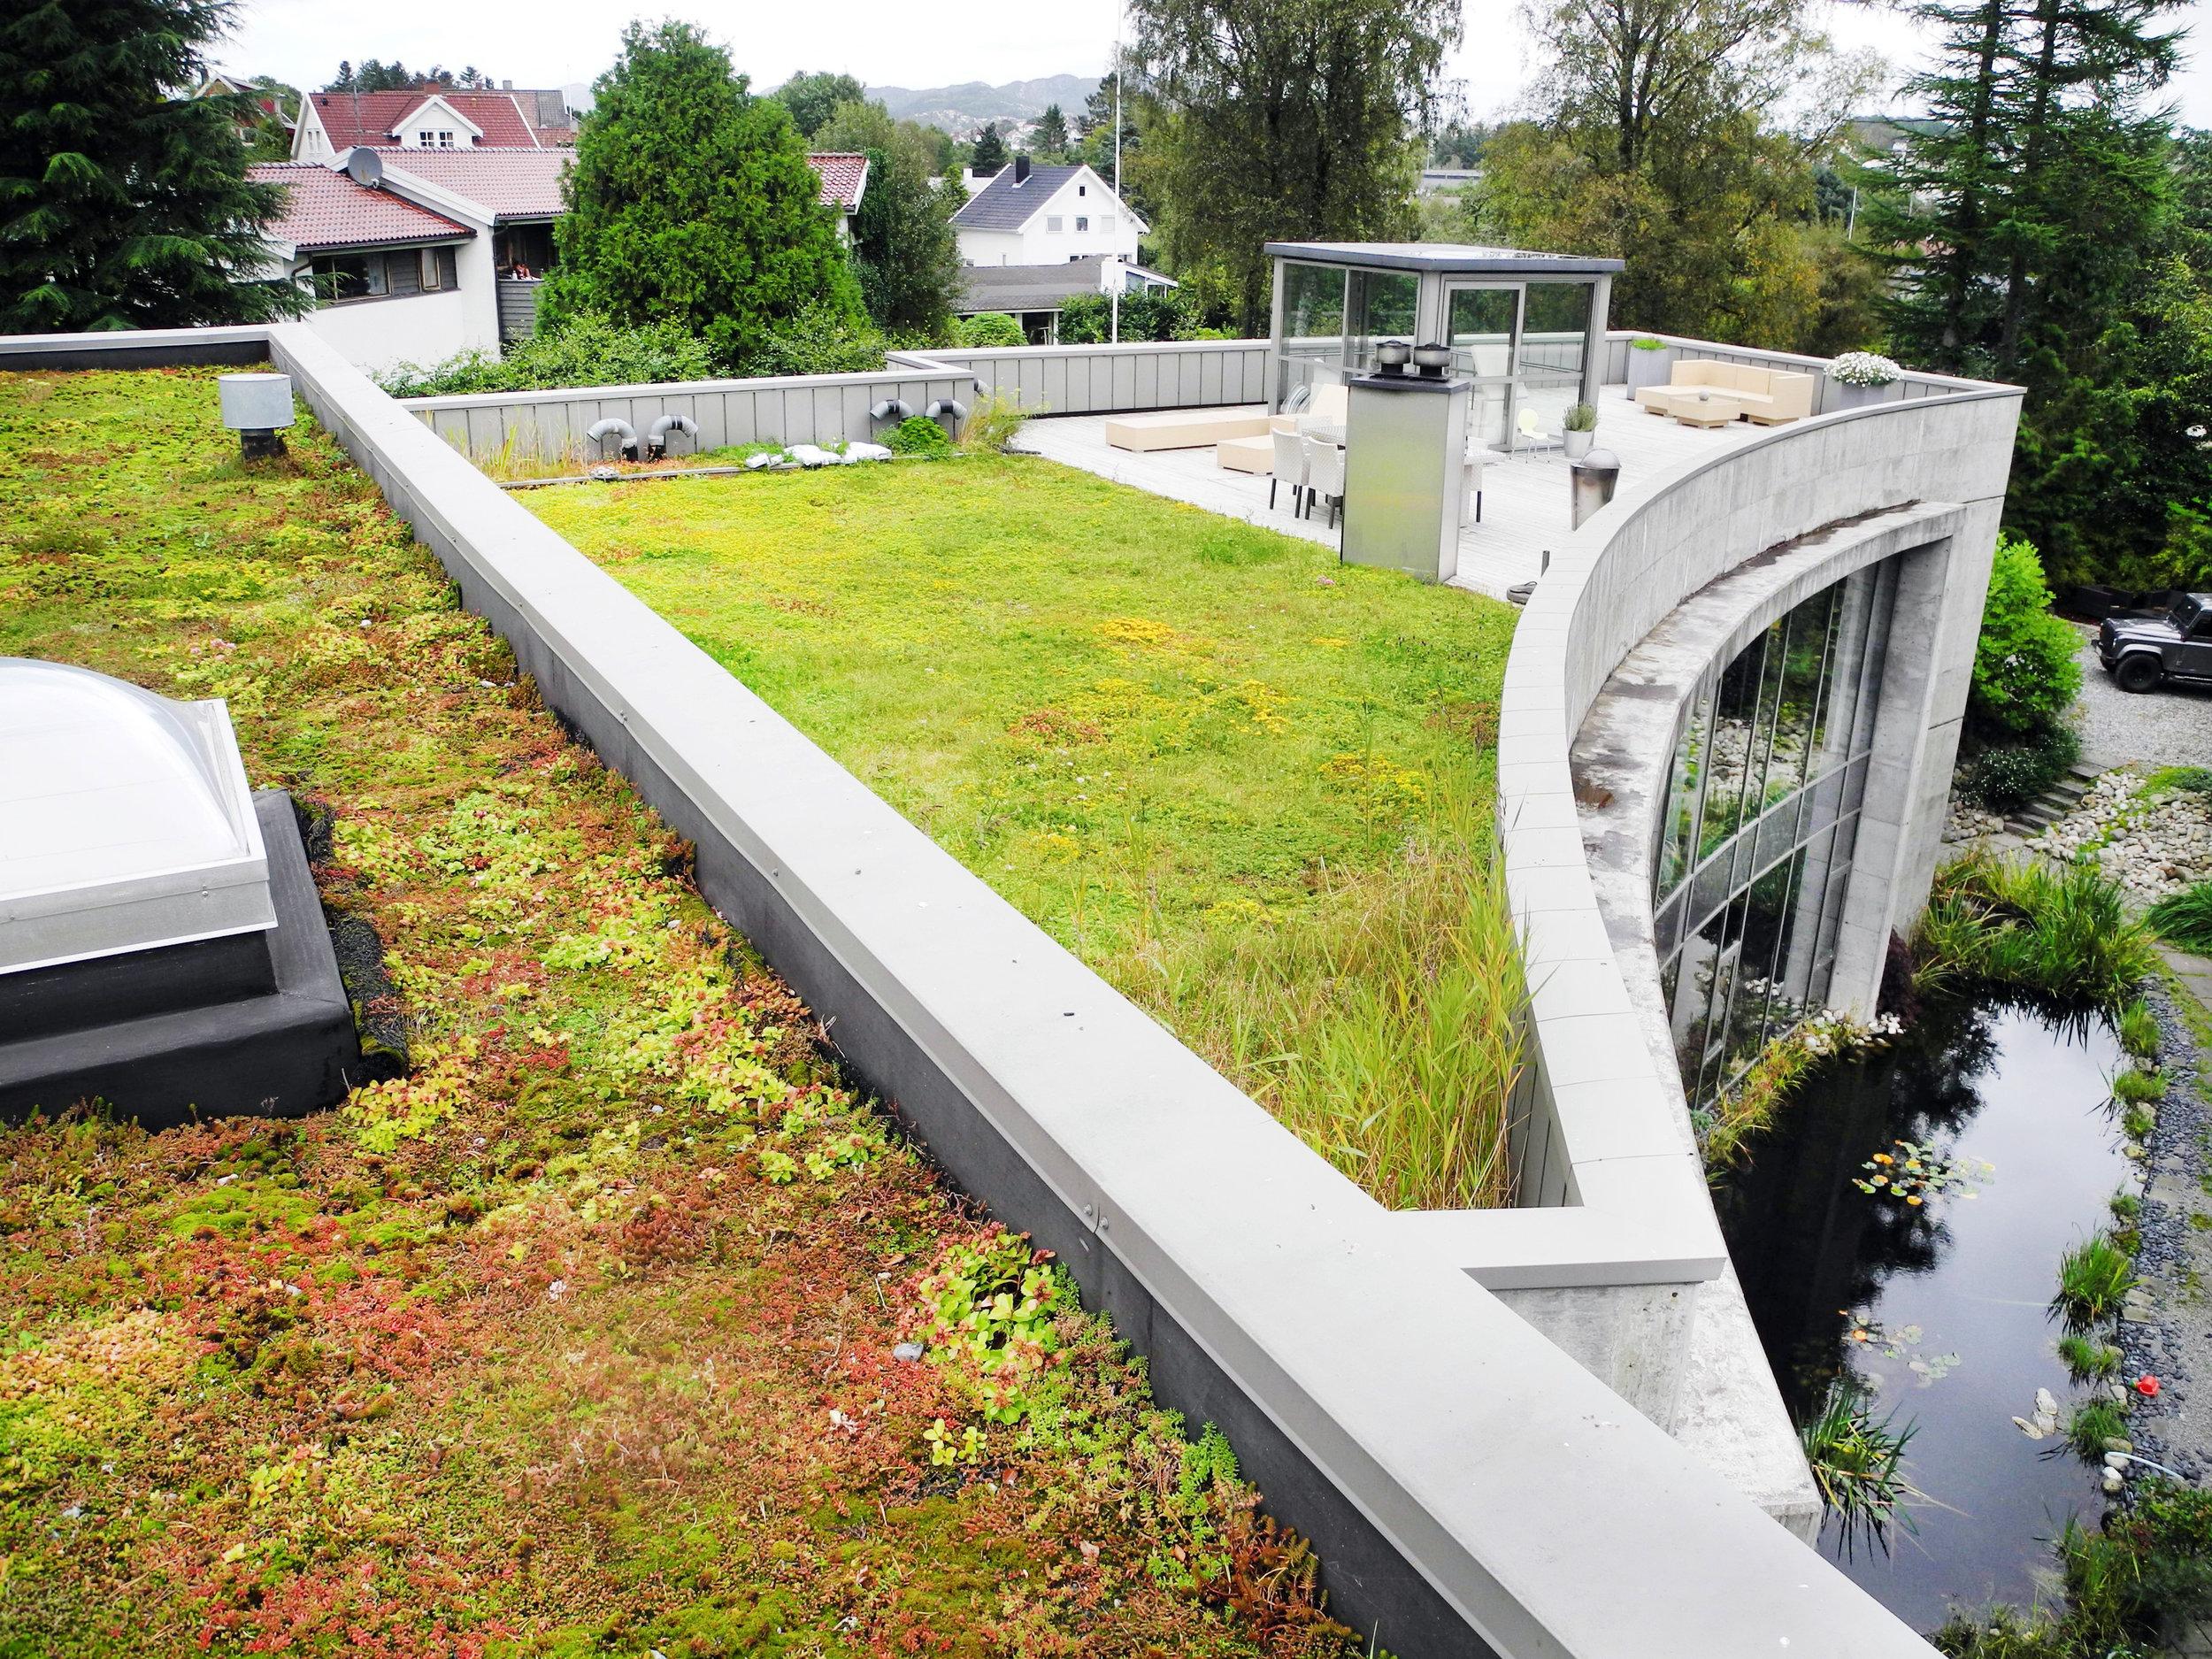 Taket er en verdifull del av eiendommen. Ved å bygge fordrøyende uterom, kan utbygger utløse en betydelig verdi.